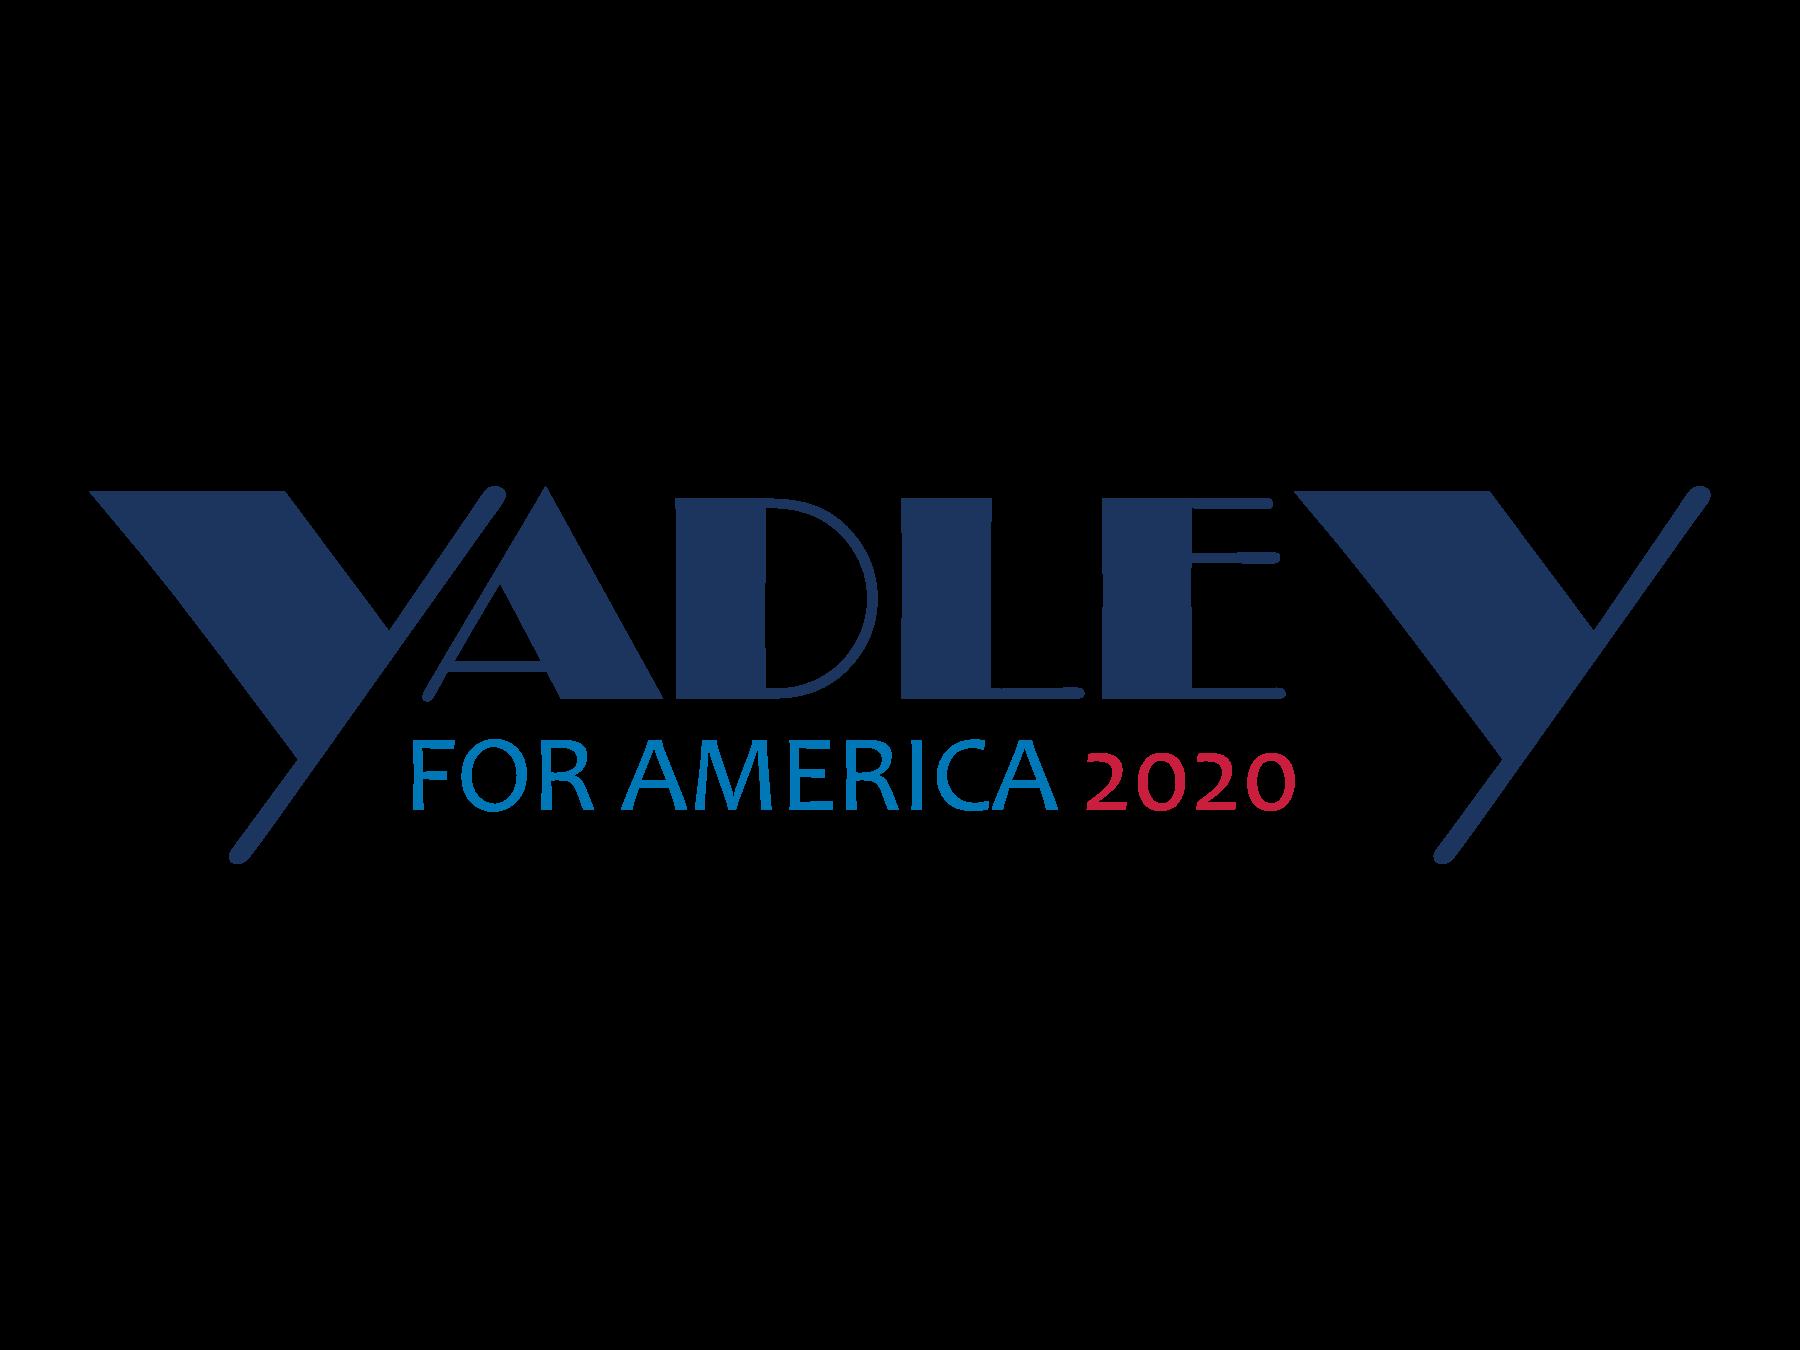 Yadley